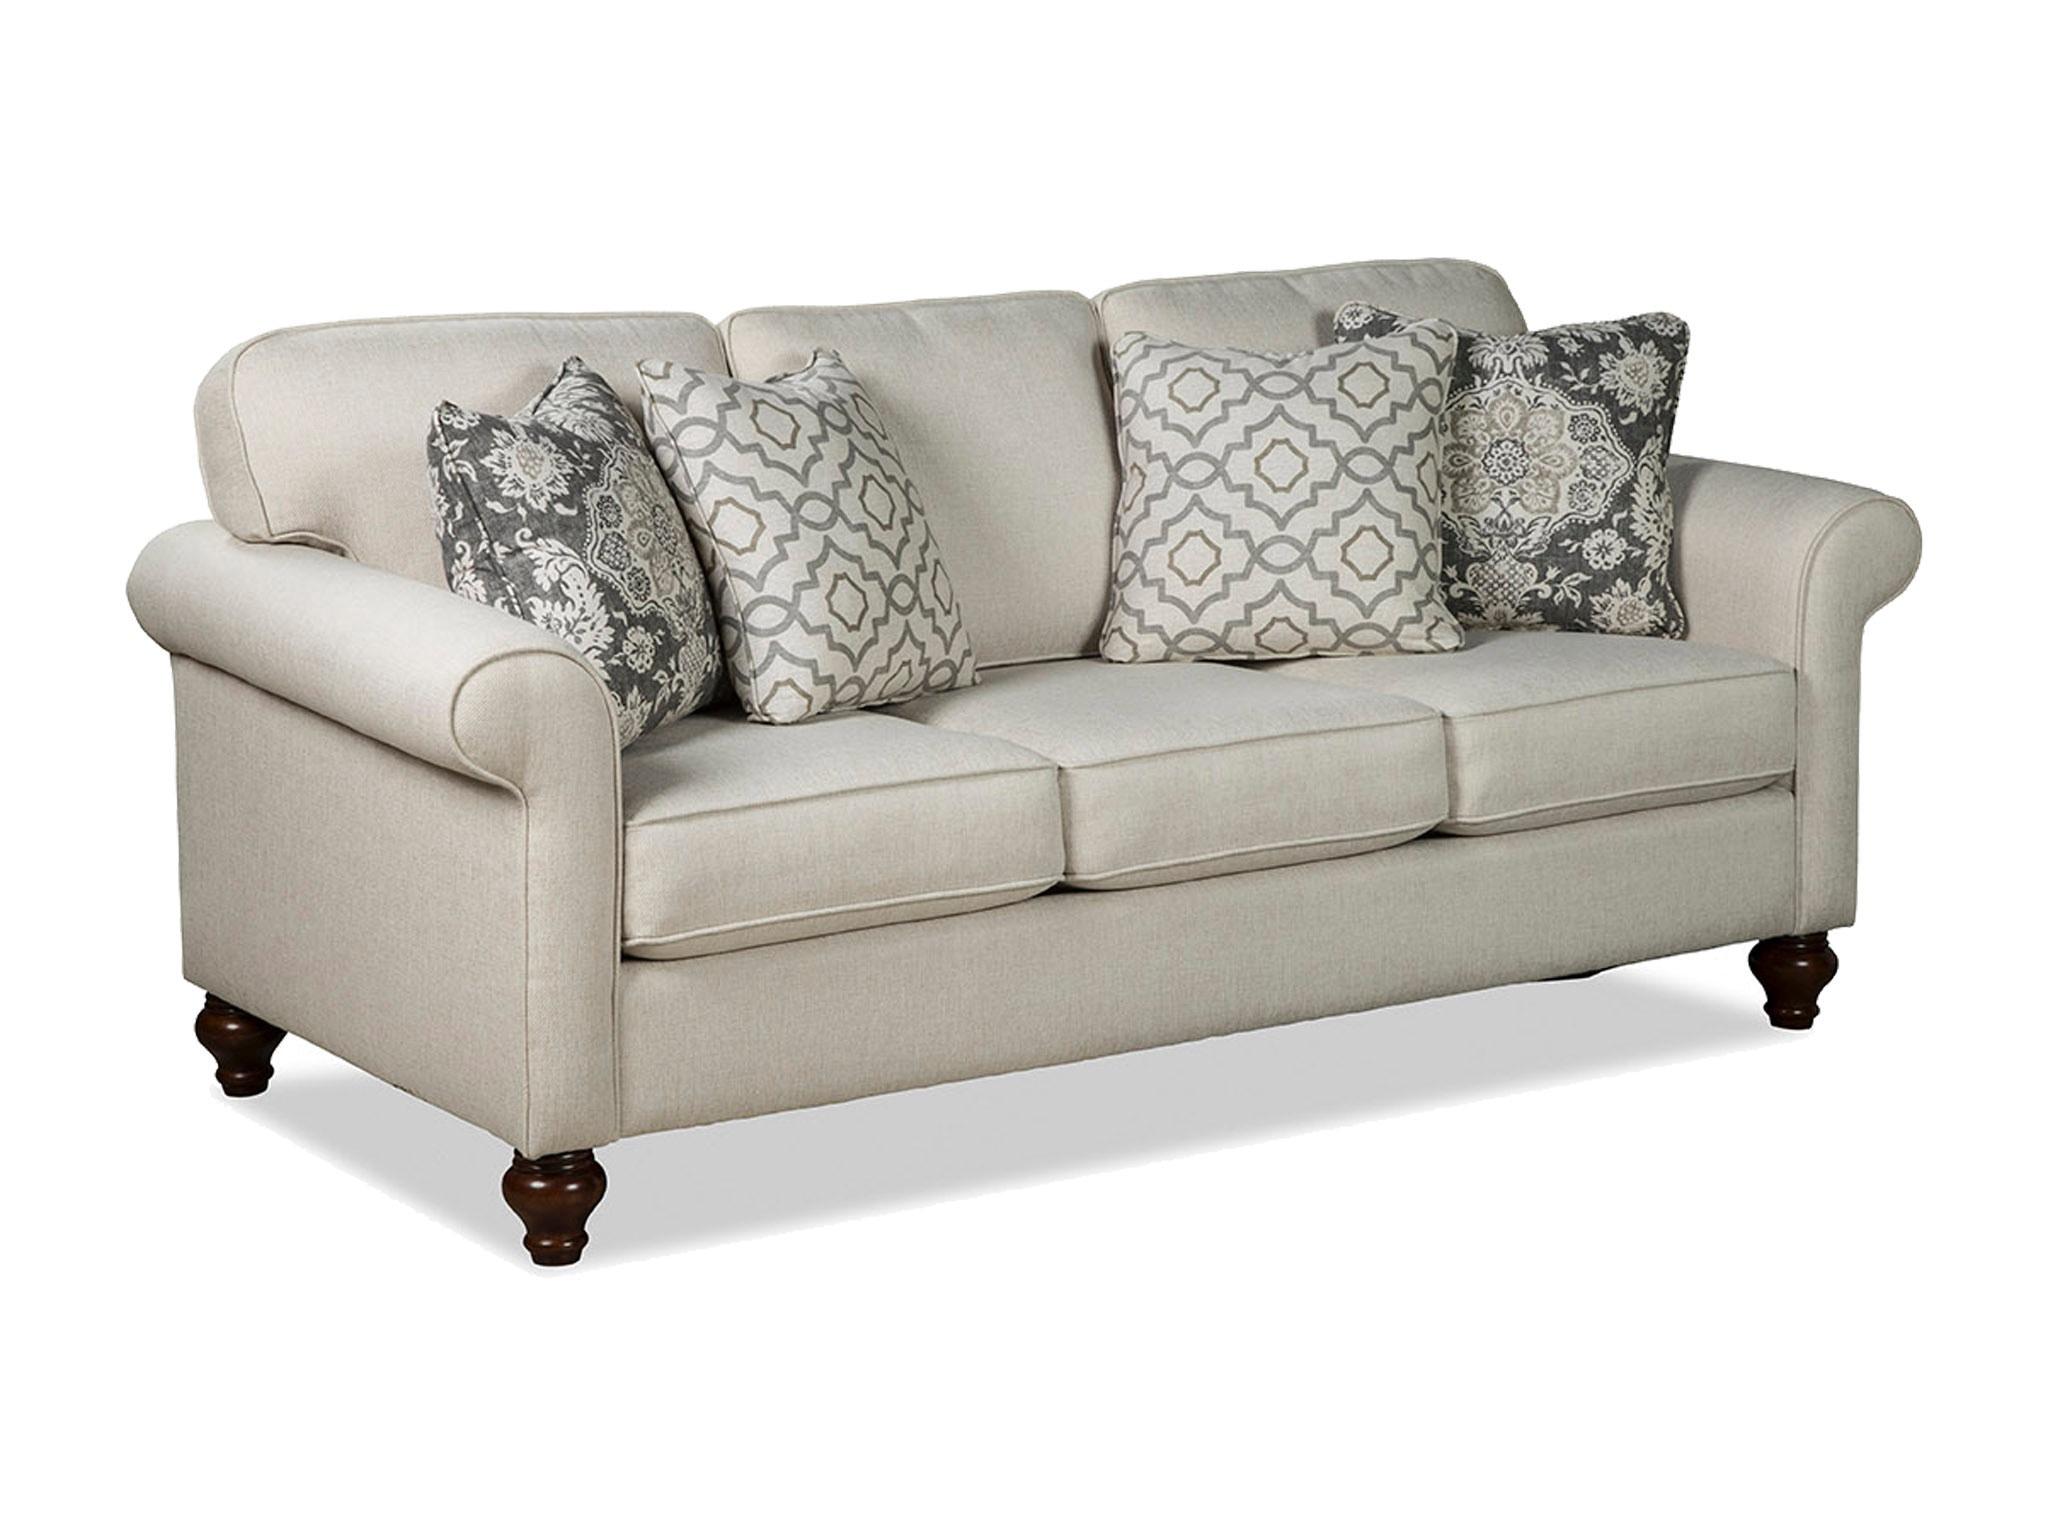 Hickorycraft Living Room Sofa 773850